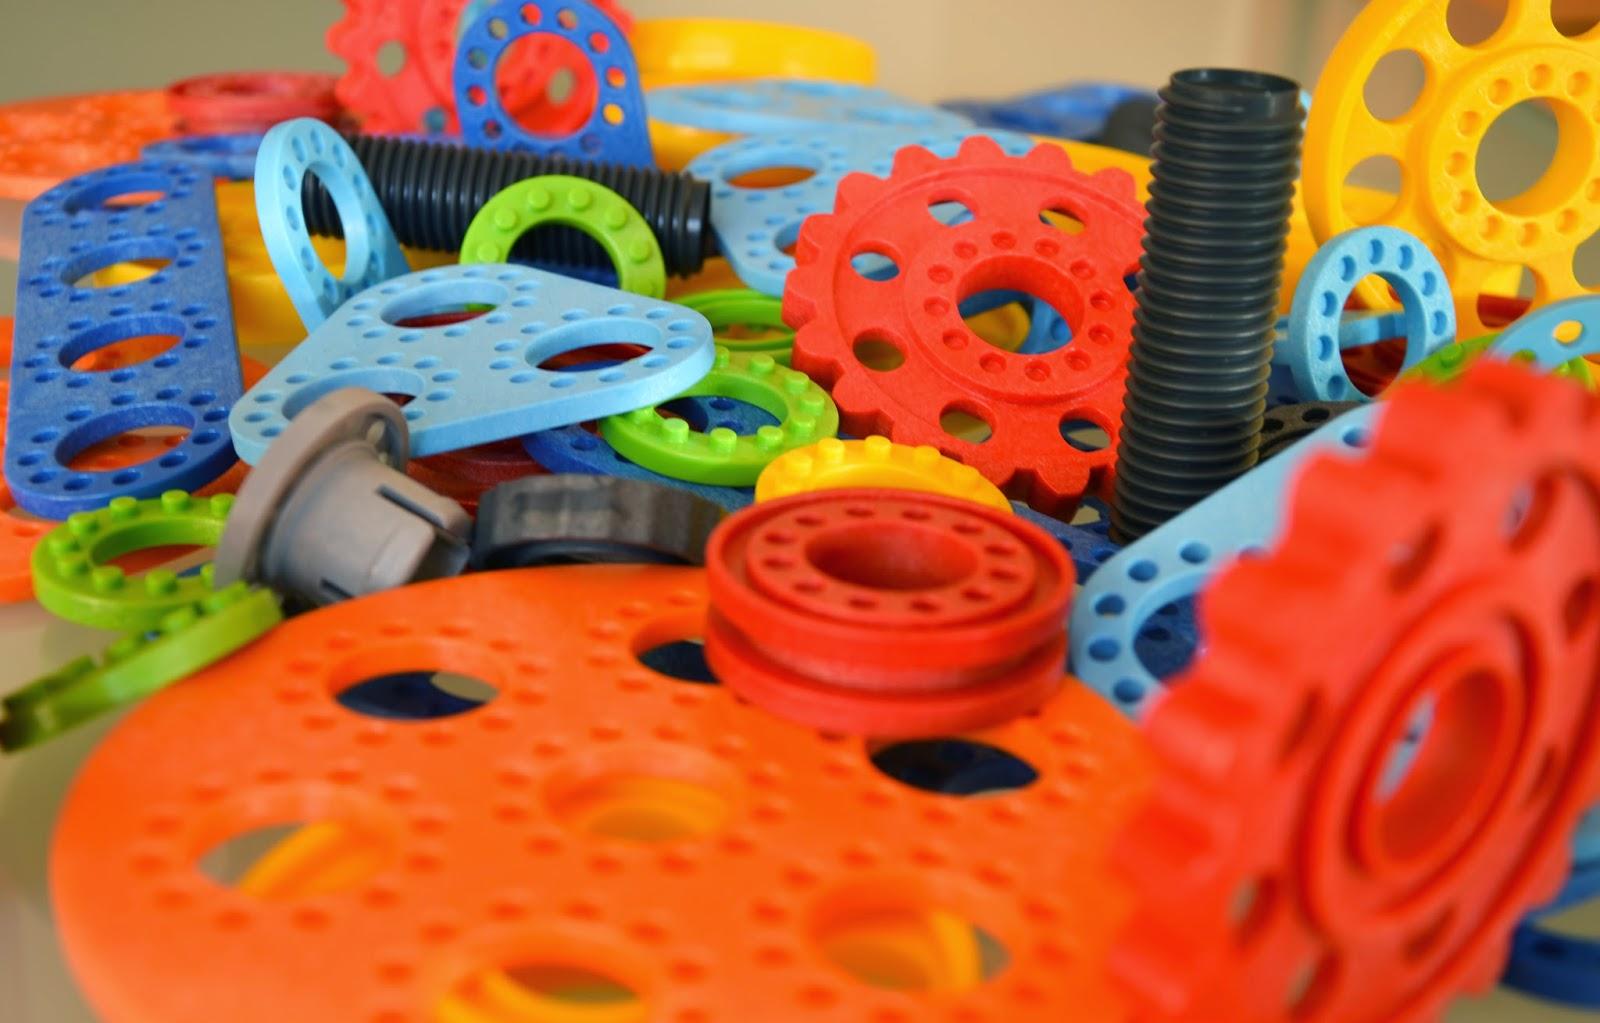 Volk's Baukasten - Technikspielzeug für Kinder